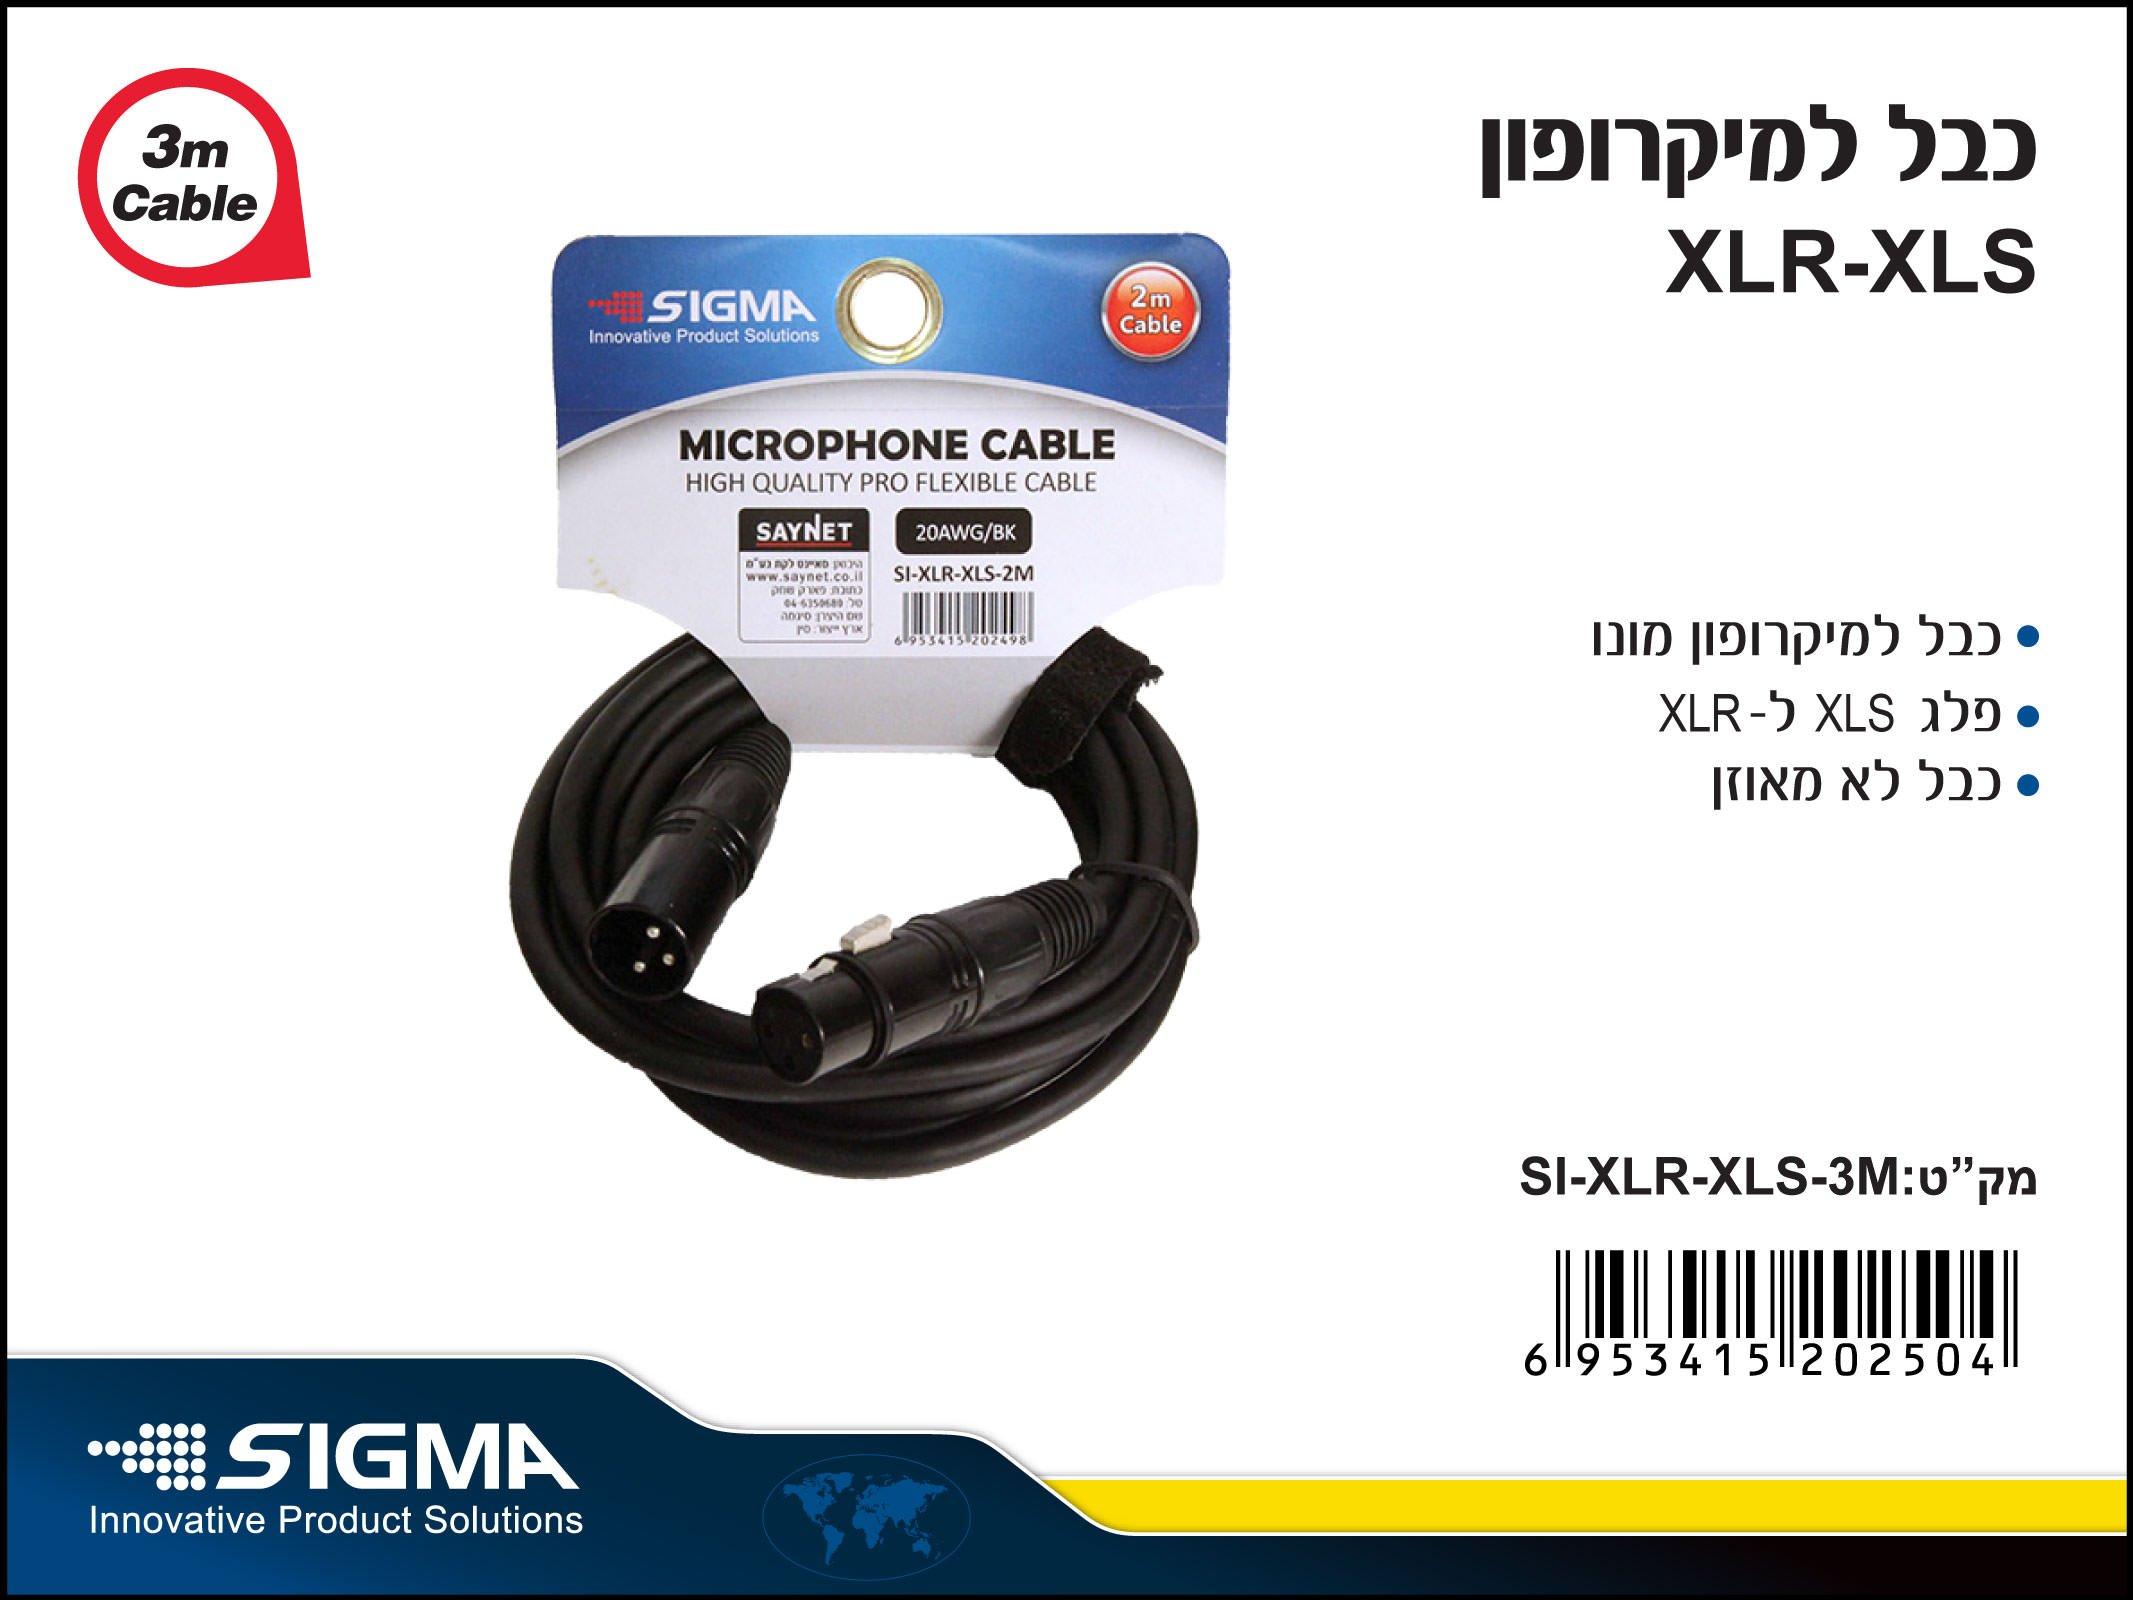 SIGMA XLR -XLS כבל למיקרופון 3 מטר